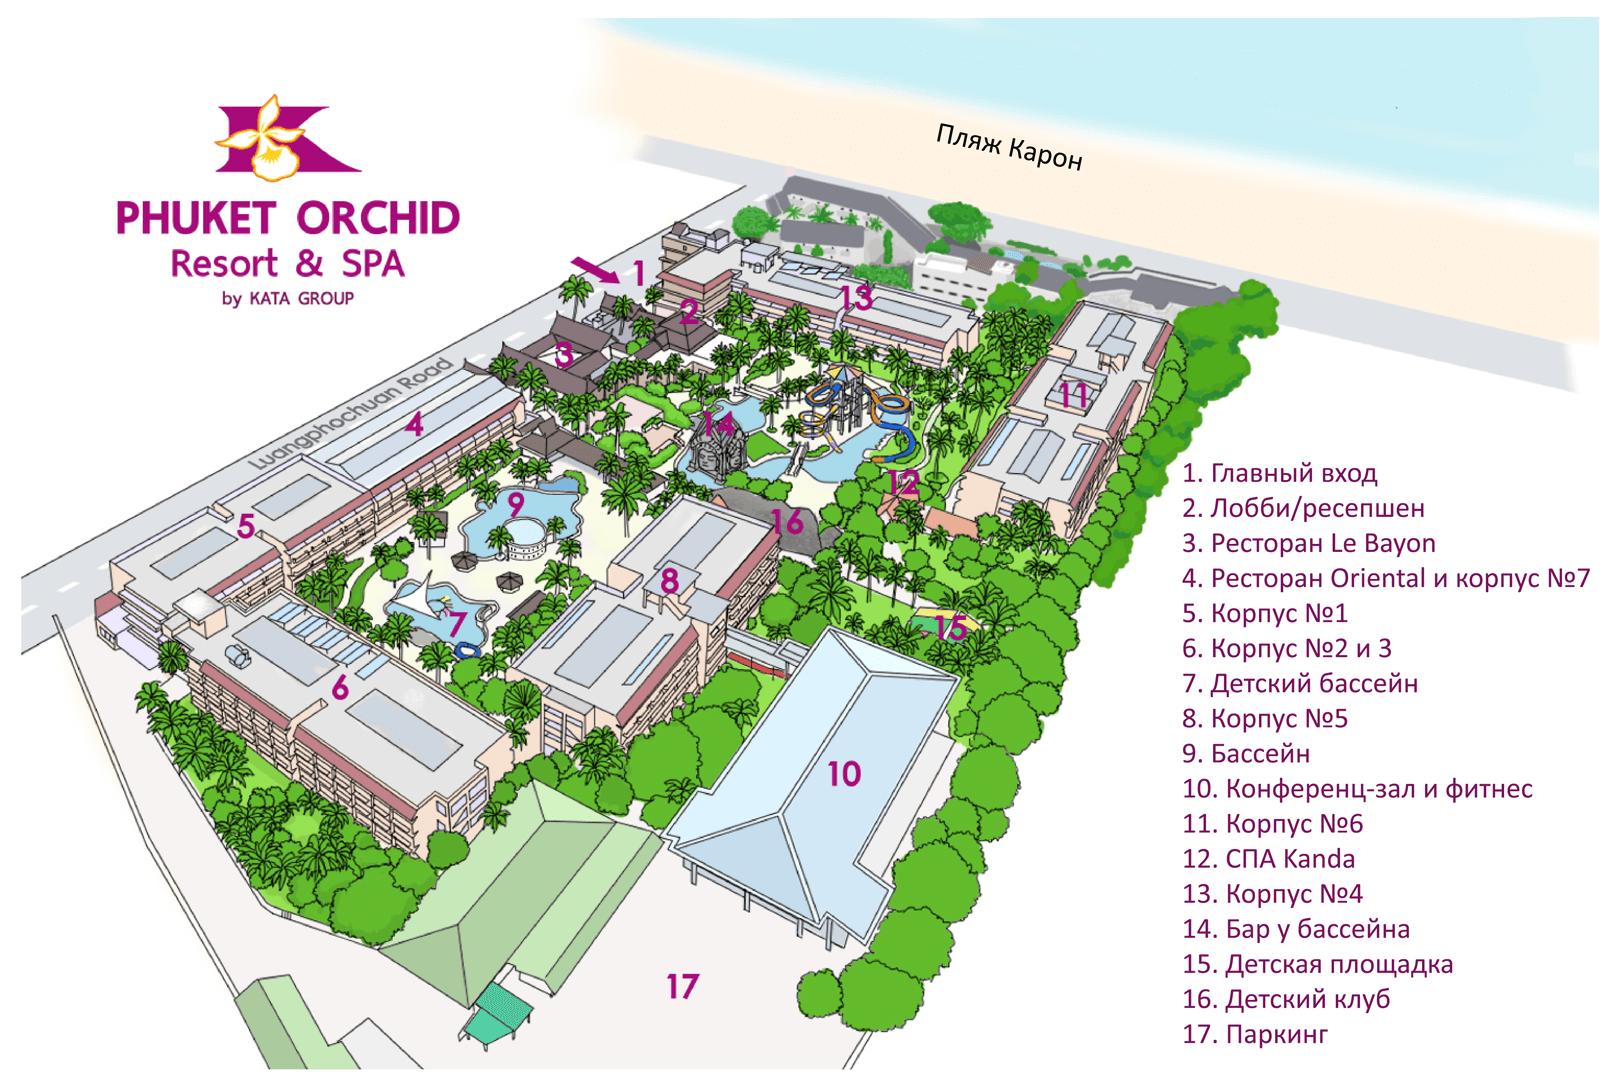 Карта-схема отеля Орхид Пхукет Резорт